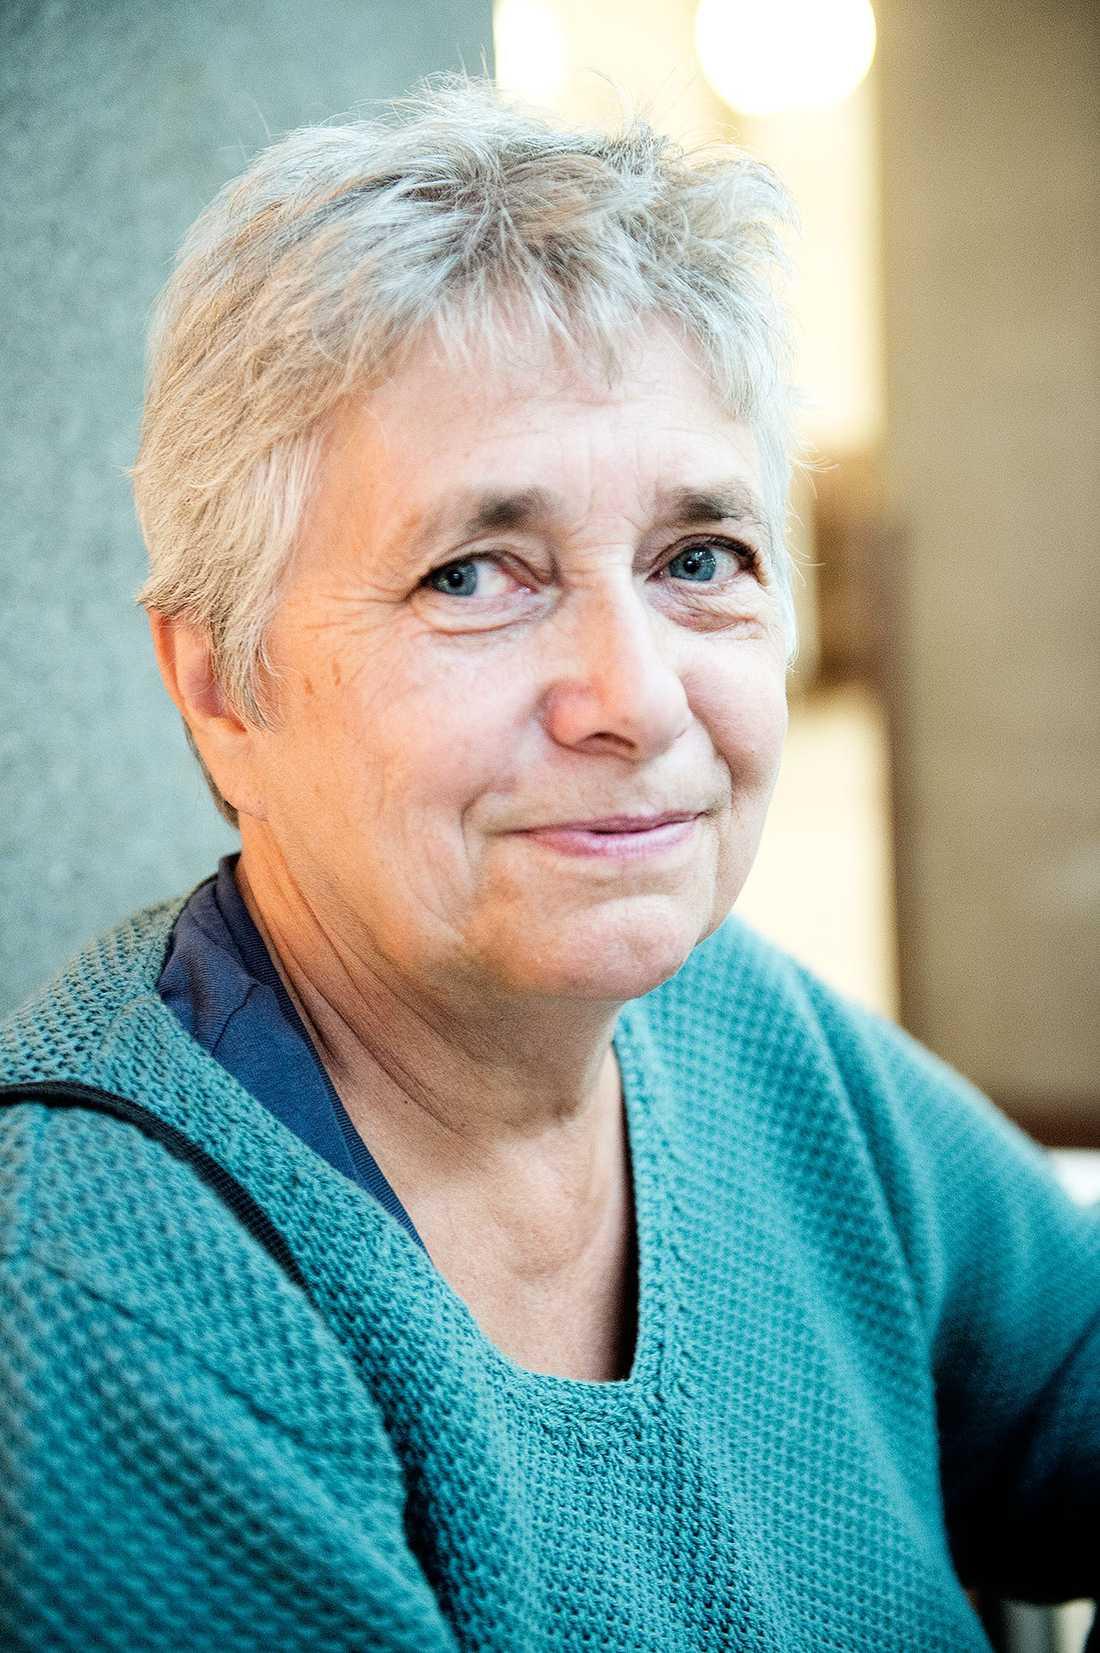 Är du för kvotering? Elvy Johannesen, 62, handläggare, Stockholm: – Svår fråga. Det ska vara självklart med jämställdhet, men jag tycker inte att man ska komma in bara för att man är kvinna om man har lägre kompetens. Man skulle kunna ha anonyma sökande.